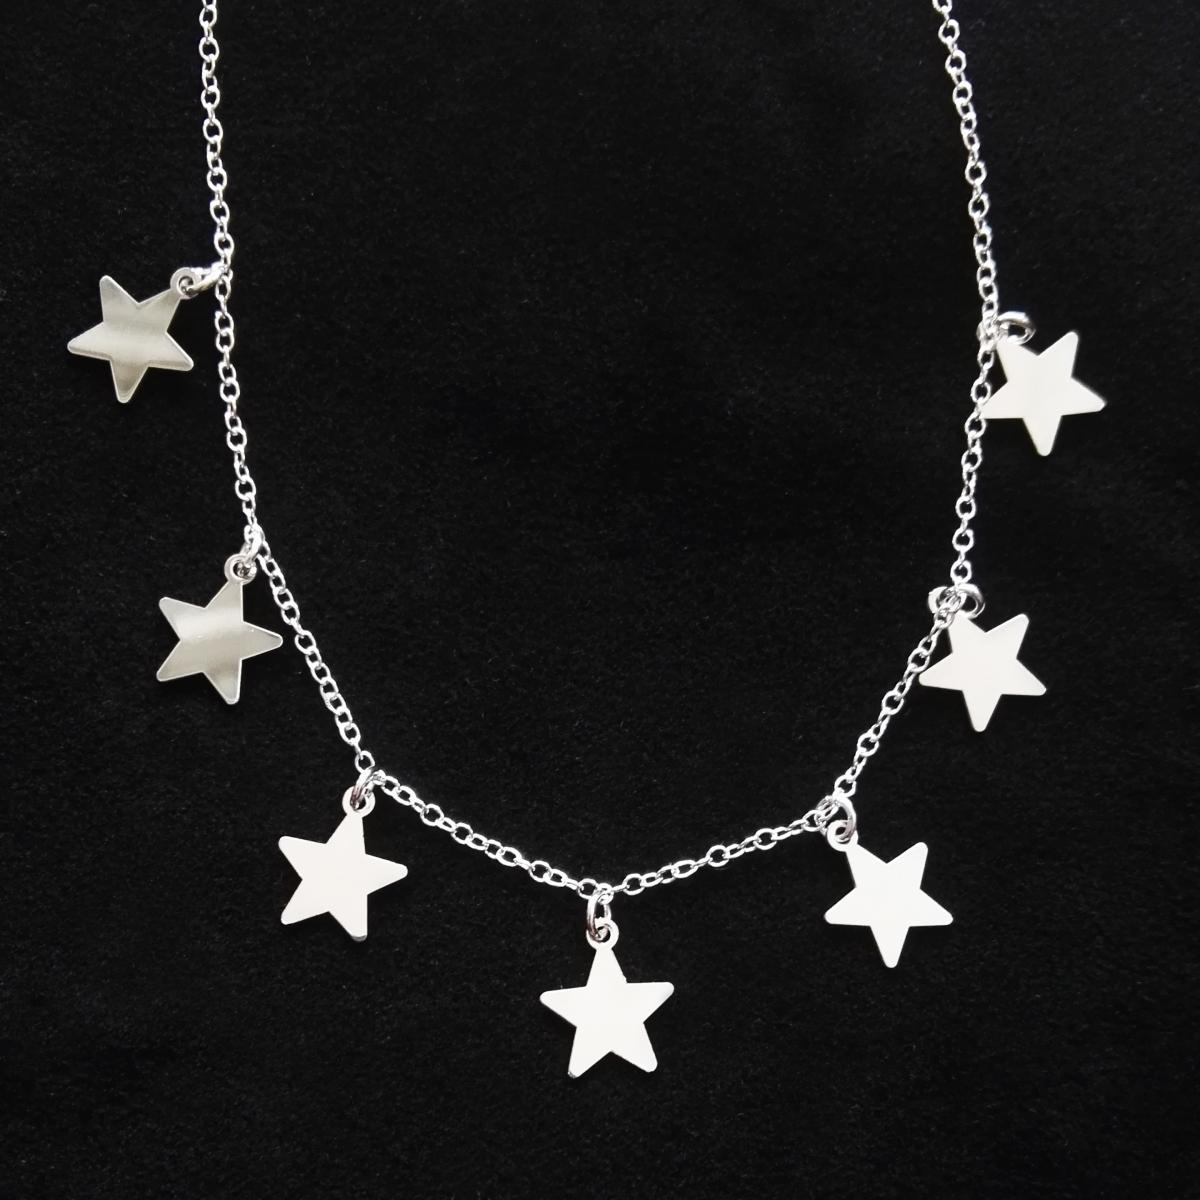 più recente 290c5 f16c1 Girocollo con 7 stelle | Tendenze collane in argento 925 ...